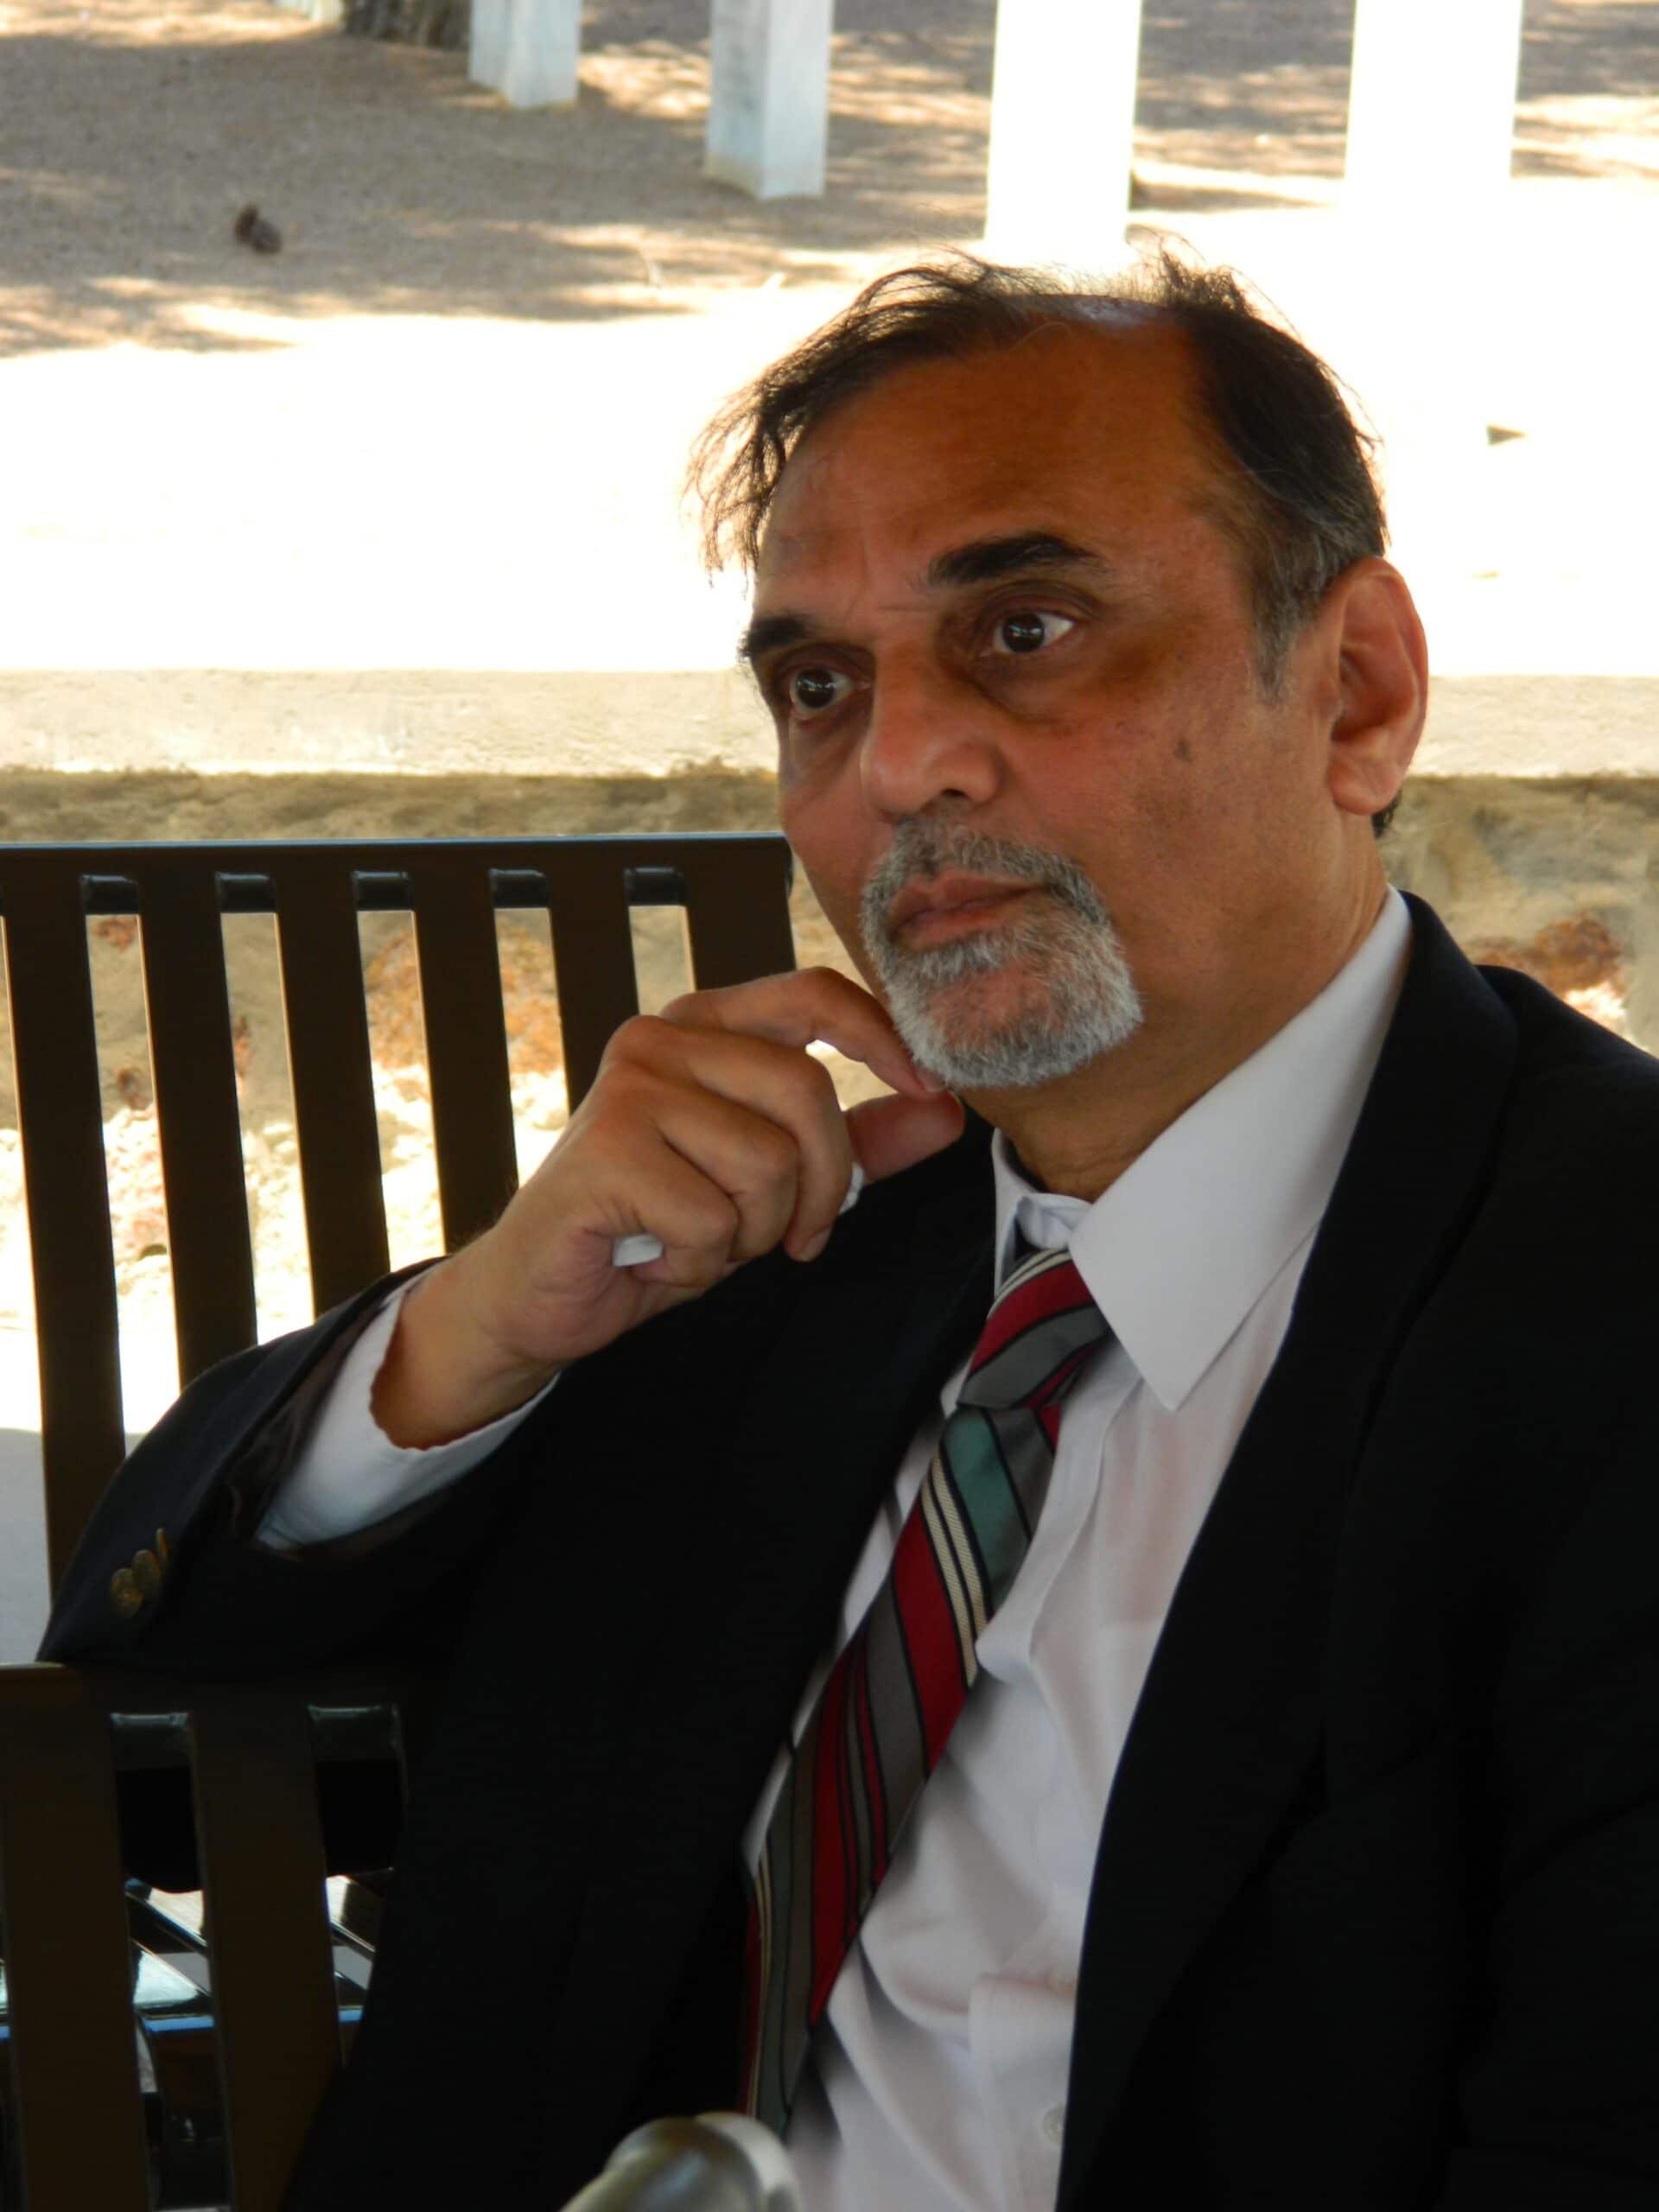 Rajendra B. Patel